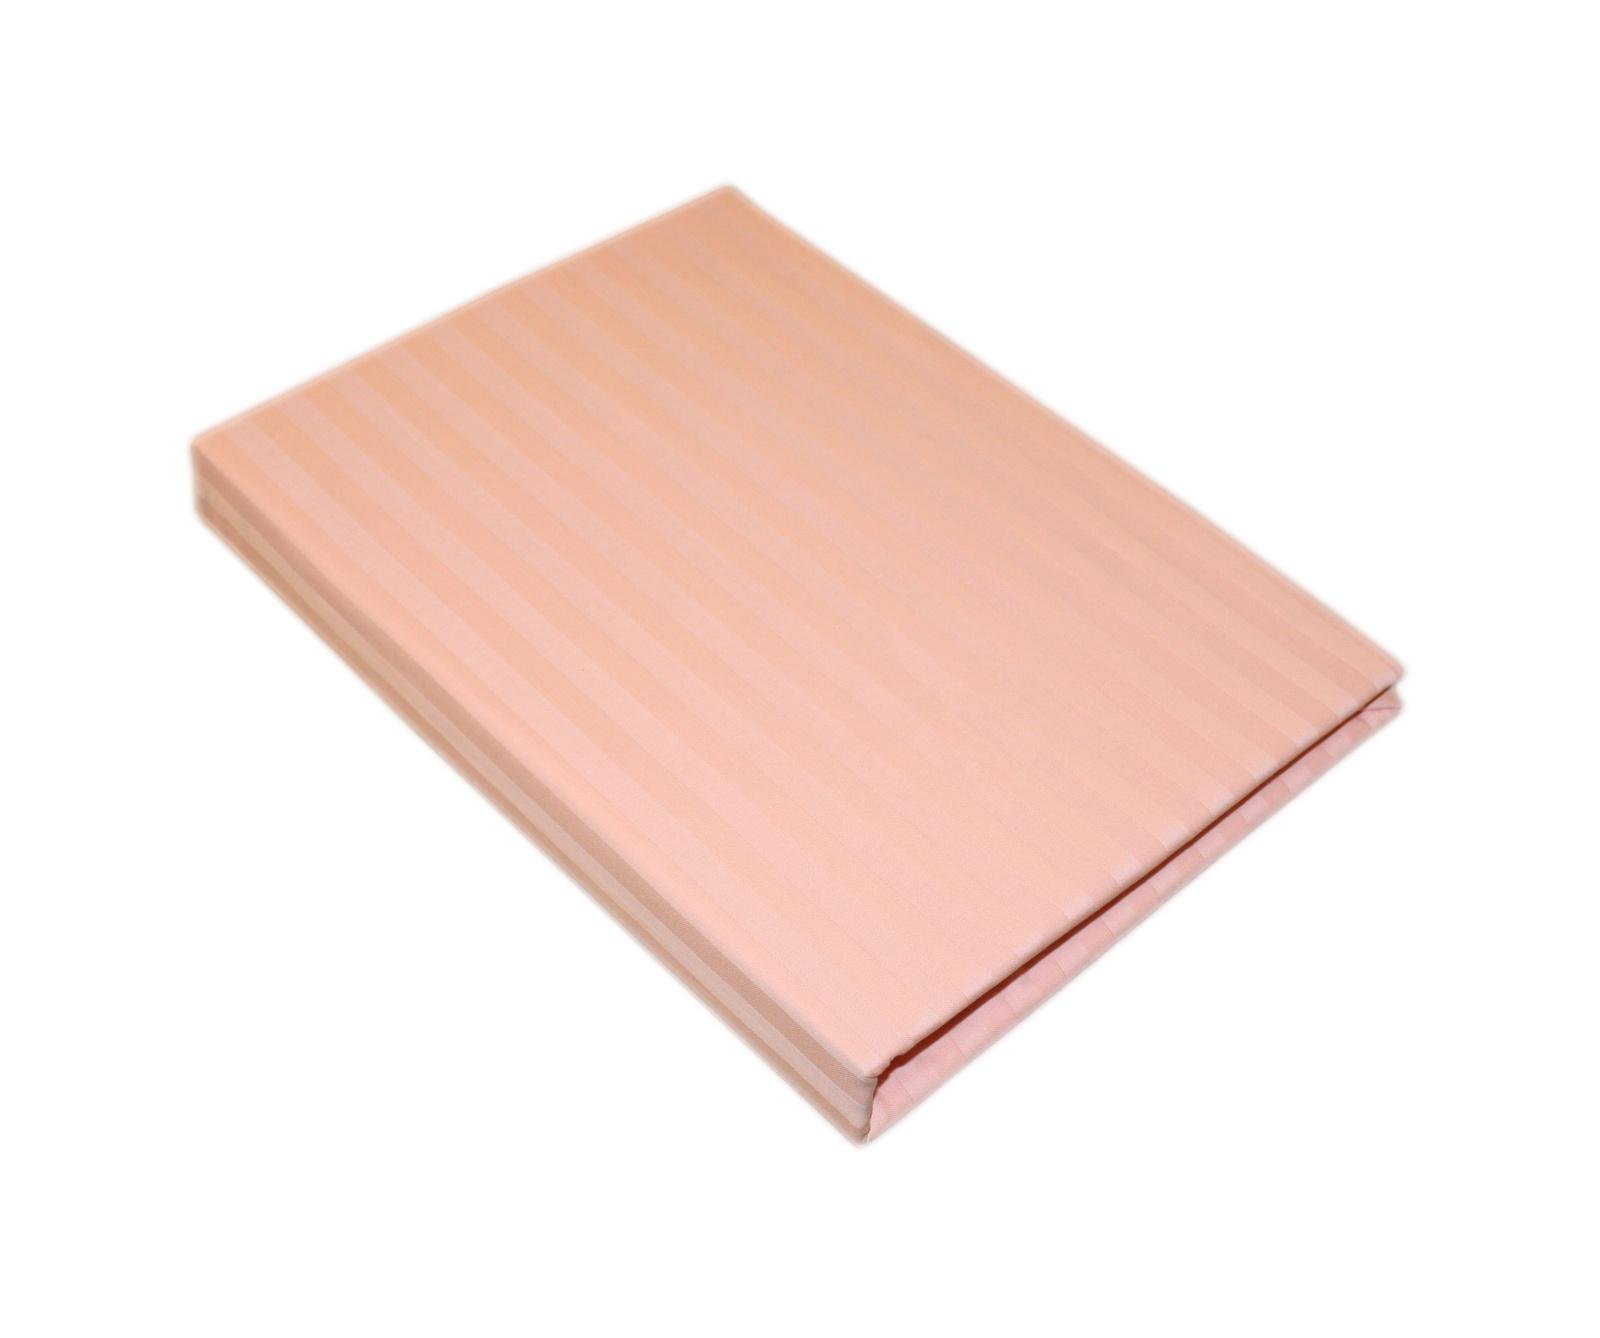 Простыня BegAl на резинке страйп сатин 160x200 светло-розовый